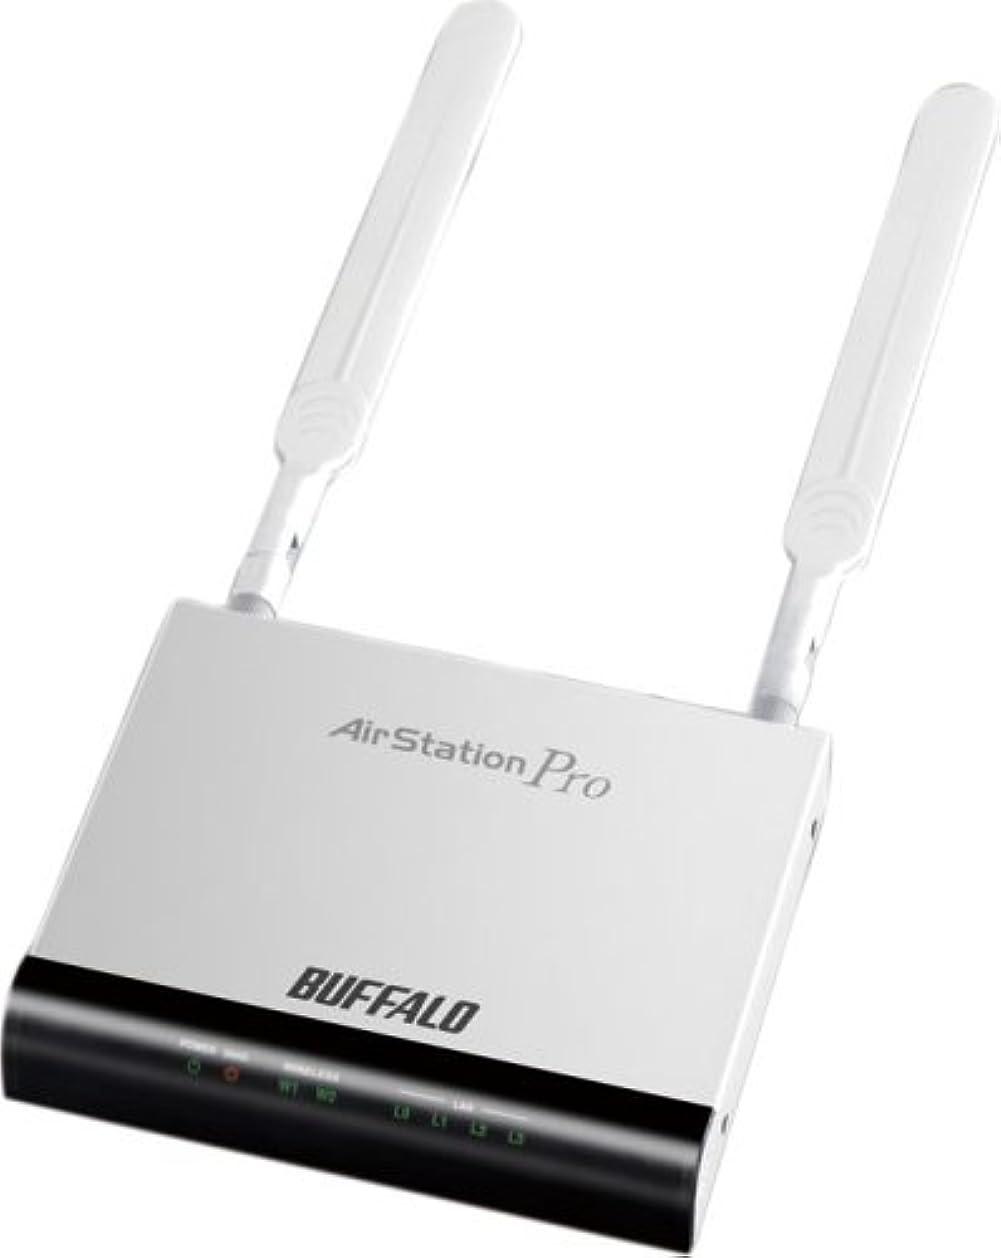 乙女近所の無実BUFFALO AirStatioPro IEEE802.11a/g 無線LANアクセスポイント PoE対応 エンタープライズ向け WAPS-HP-AM54G54